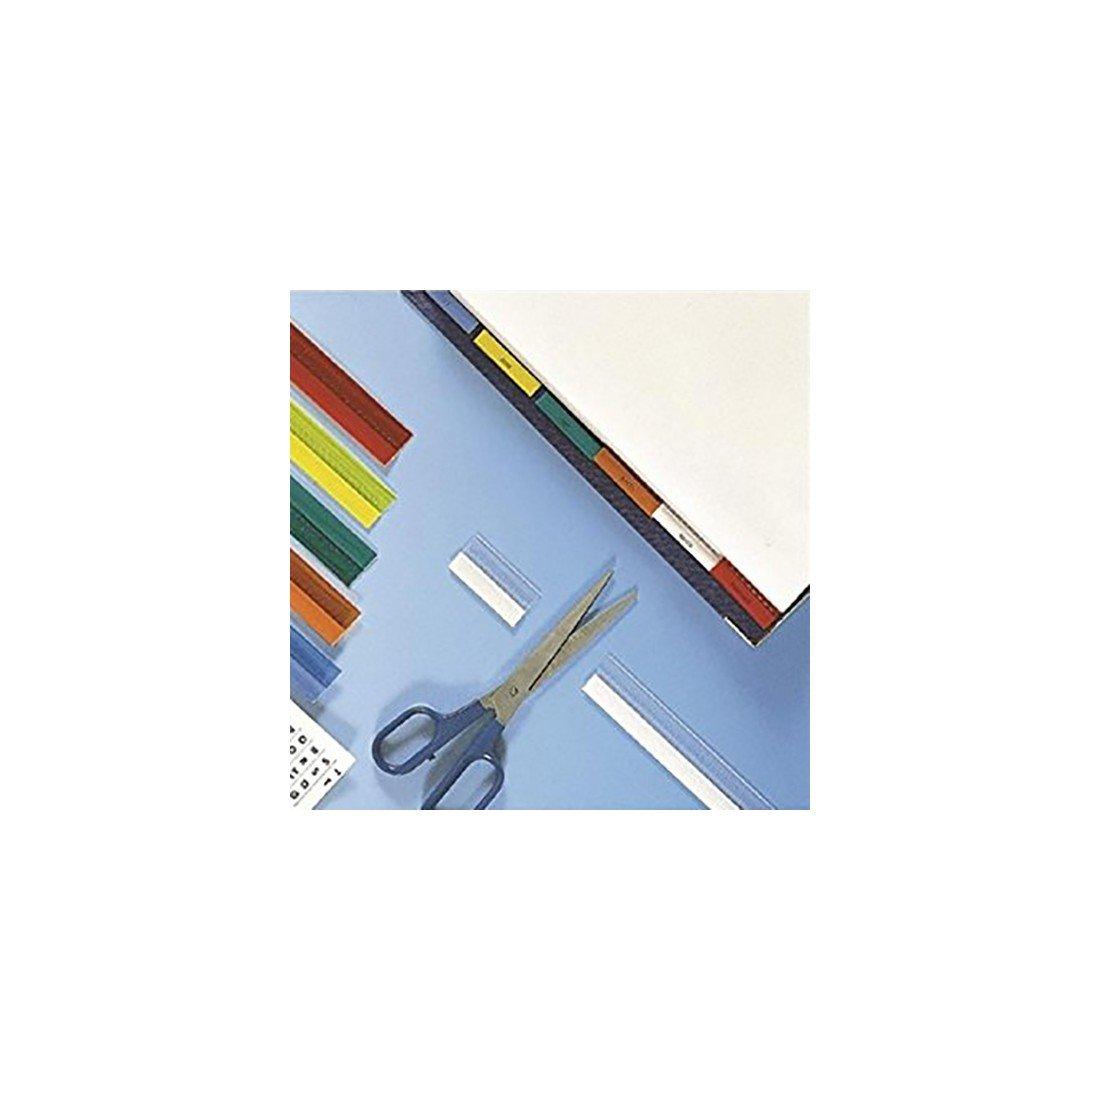 Esselte Strisce Adesive per Etichette, 20cm x 5 strisce 55000